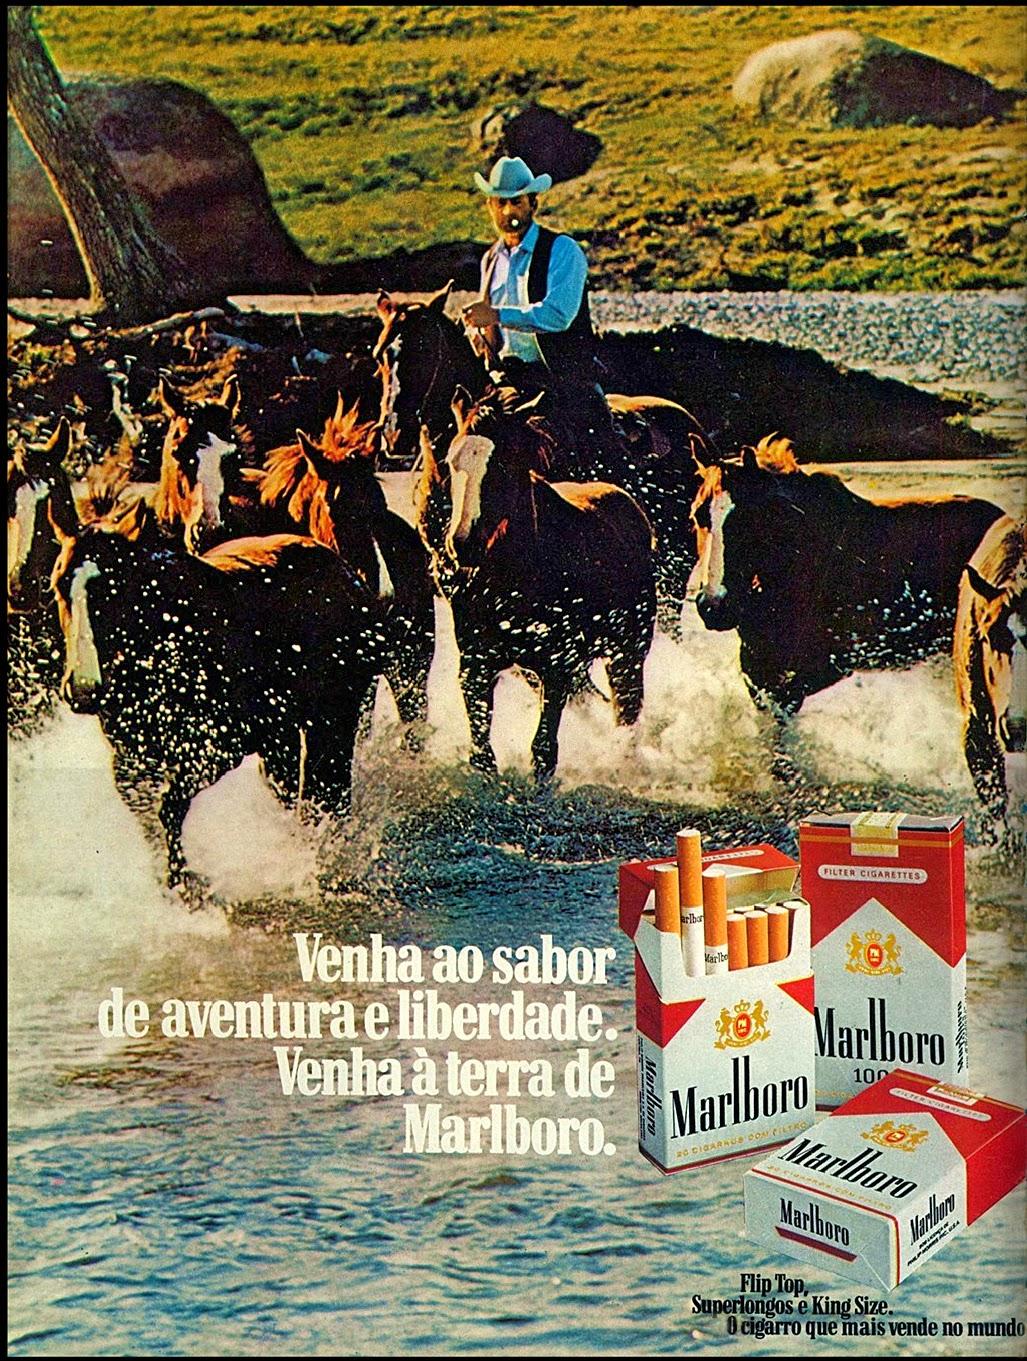 anúncio de cigarros malboro anos 70; propaganda anos 70; história decada de 70; reclame anos 70; propaganda cigarros anos 70; Brazil in the 70s; Oswaldo Hernandez;